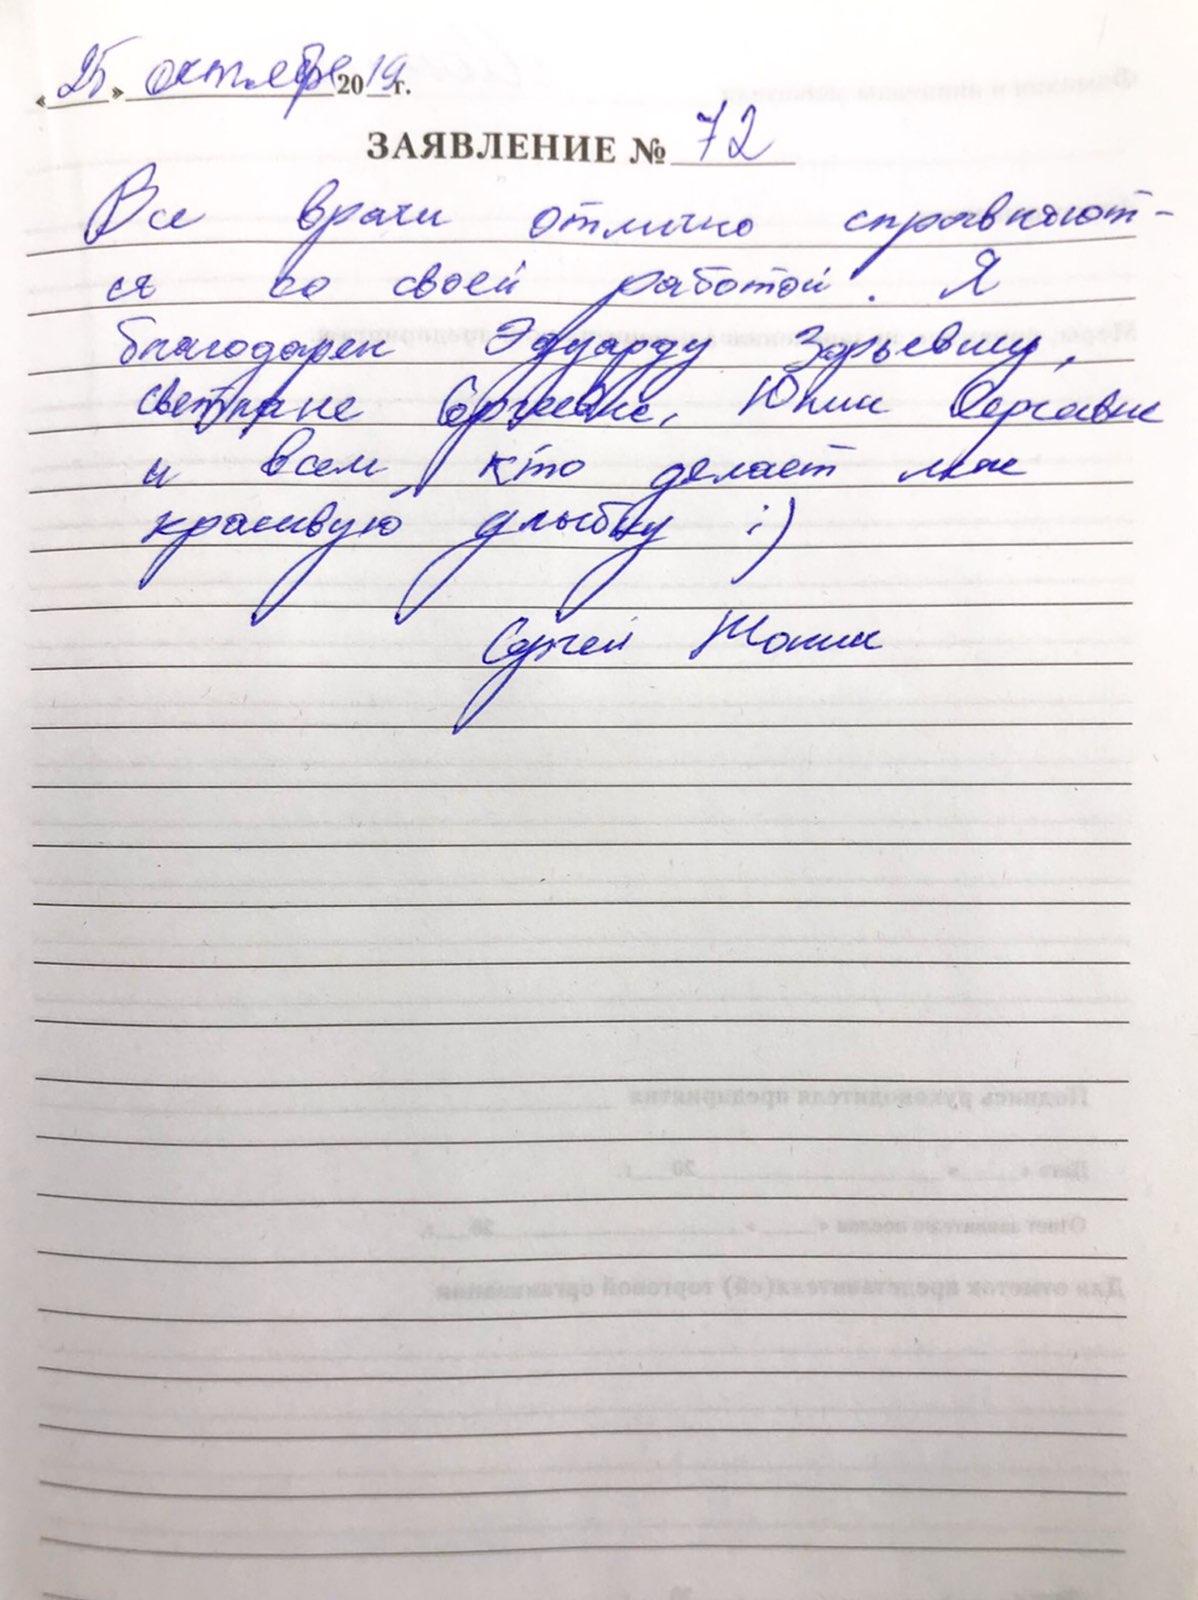 <em>Редактировать Отзыв</em> Сергей Михайлович. Стоматология Фларт